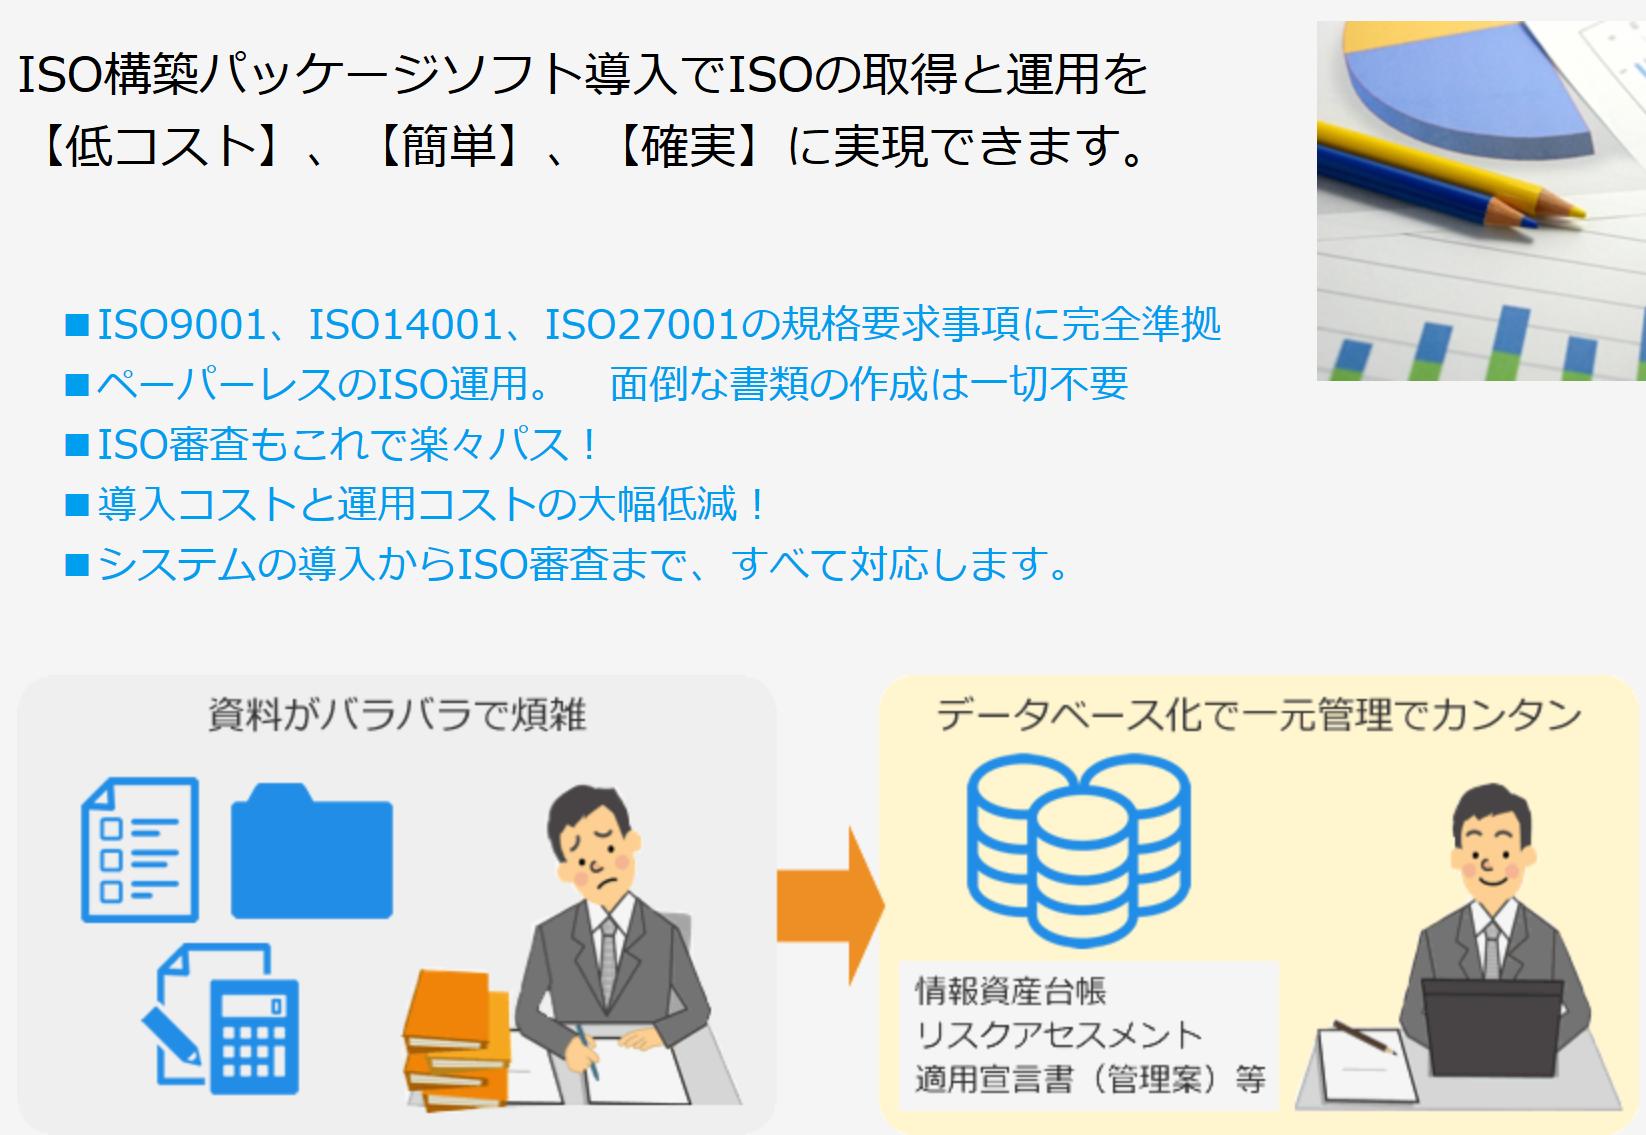 日本データネットコミュニケーションズ株式会社